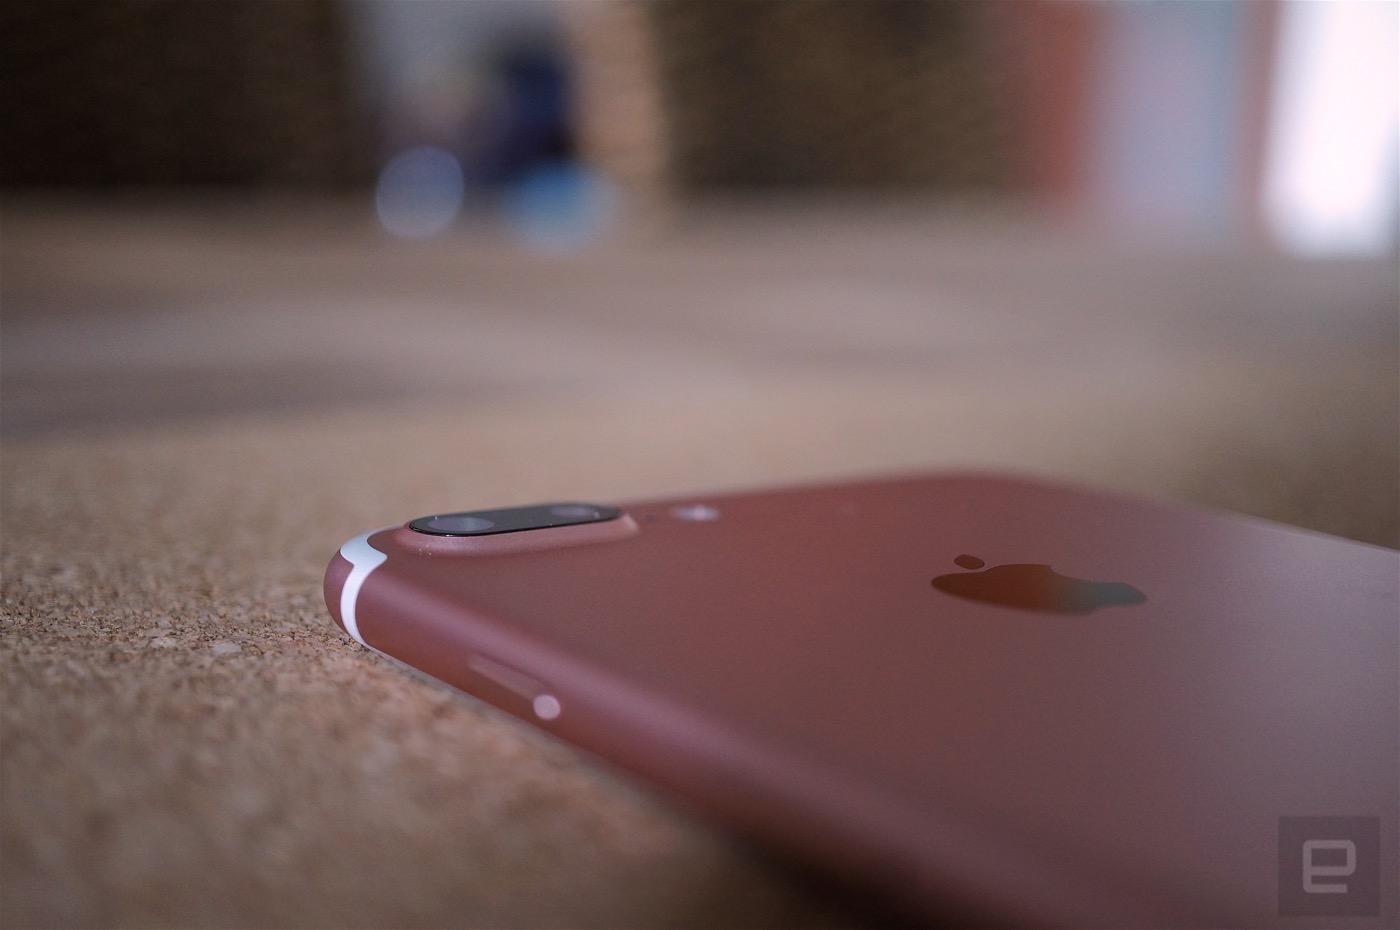 La cámara en iOS 11 vendría con reconocimiento de escenas